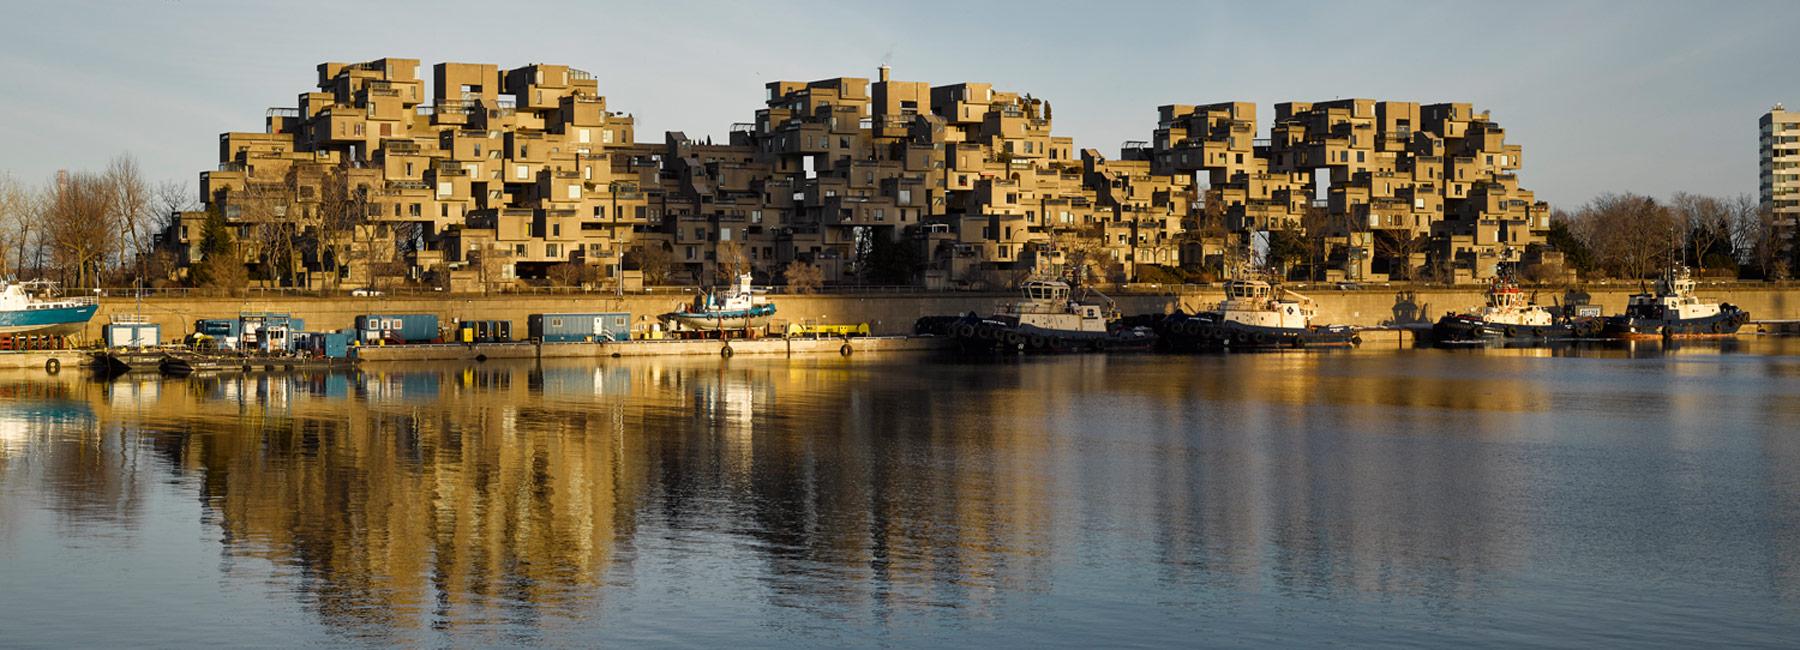 Il complesso residenziale si trova vicino al Fiume San Lorenzo / Designboom